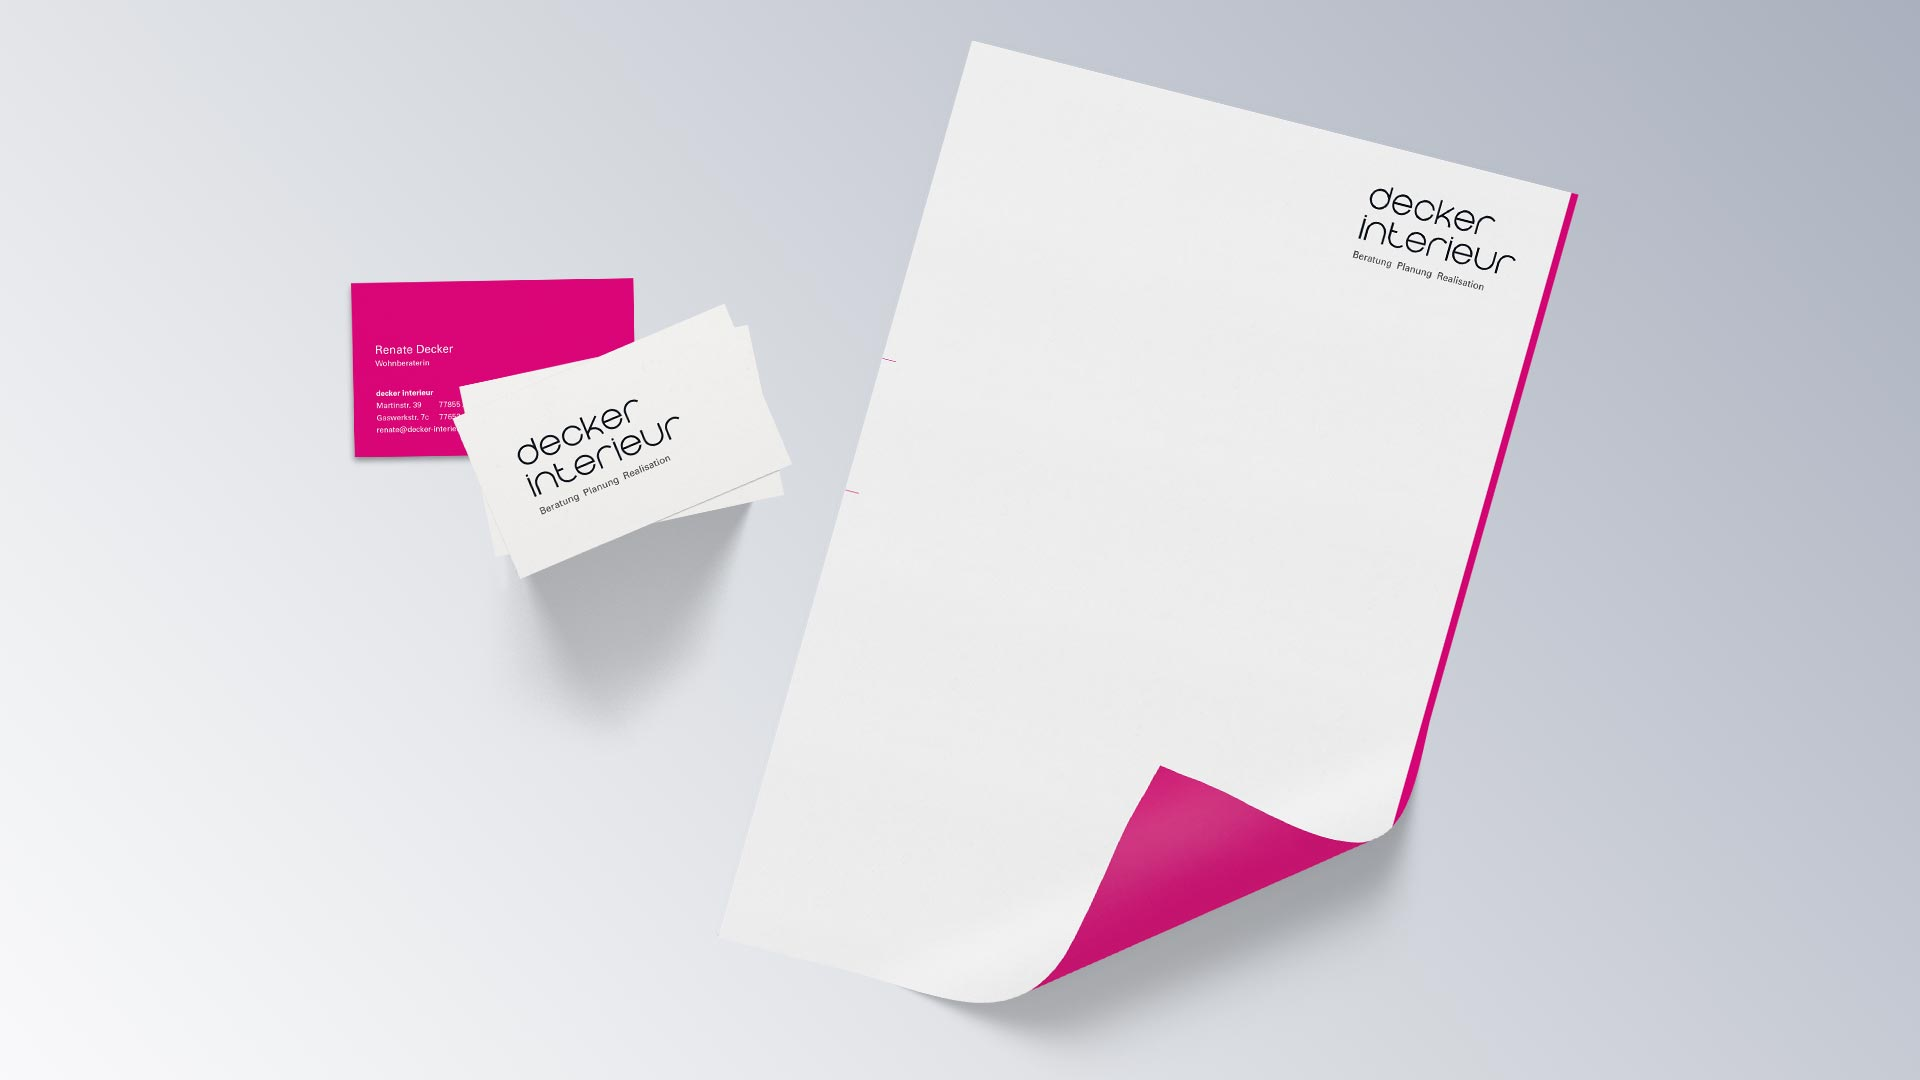 Decker Interieur Briefbogen Visitenkarte Geschäftsausstattung